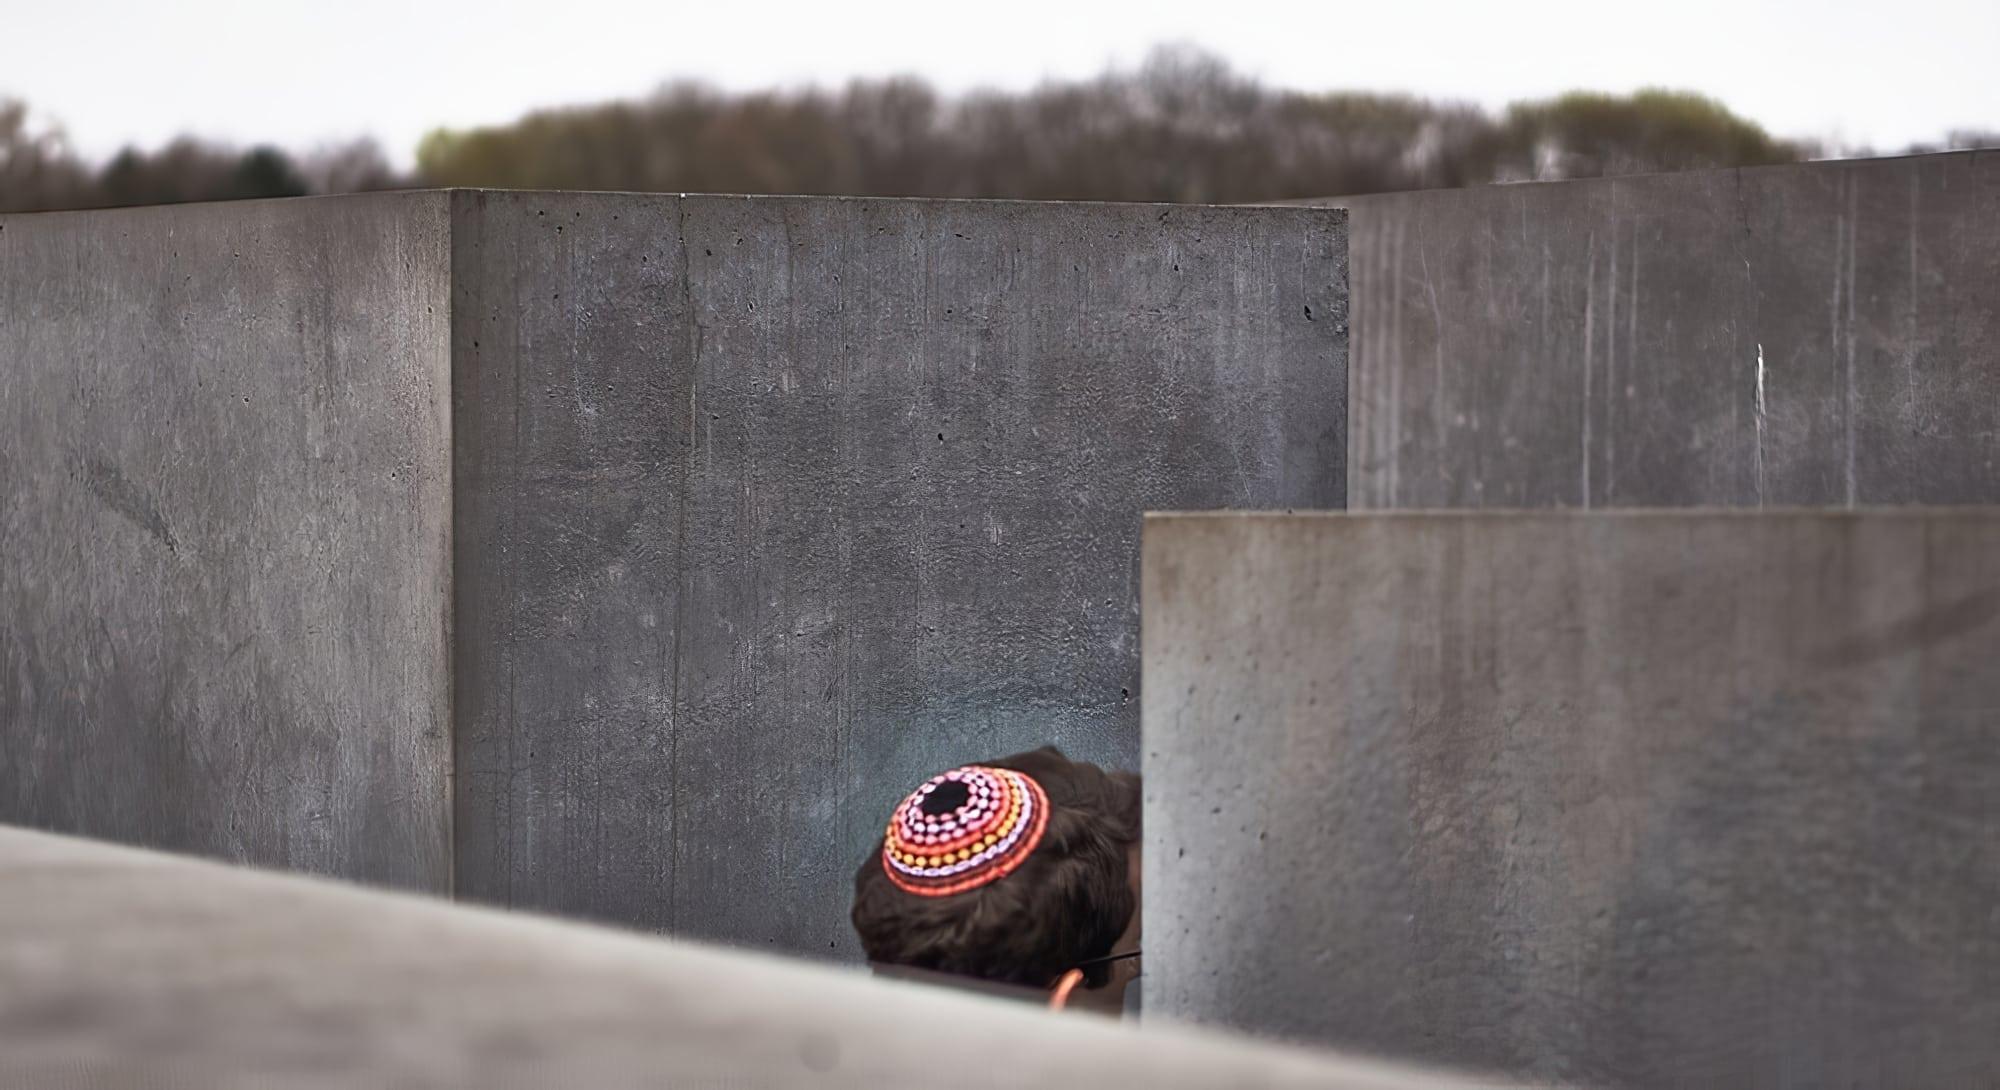 Mémorial des juifs assassinés d'Europe à Berlin